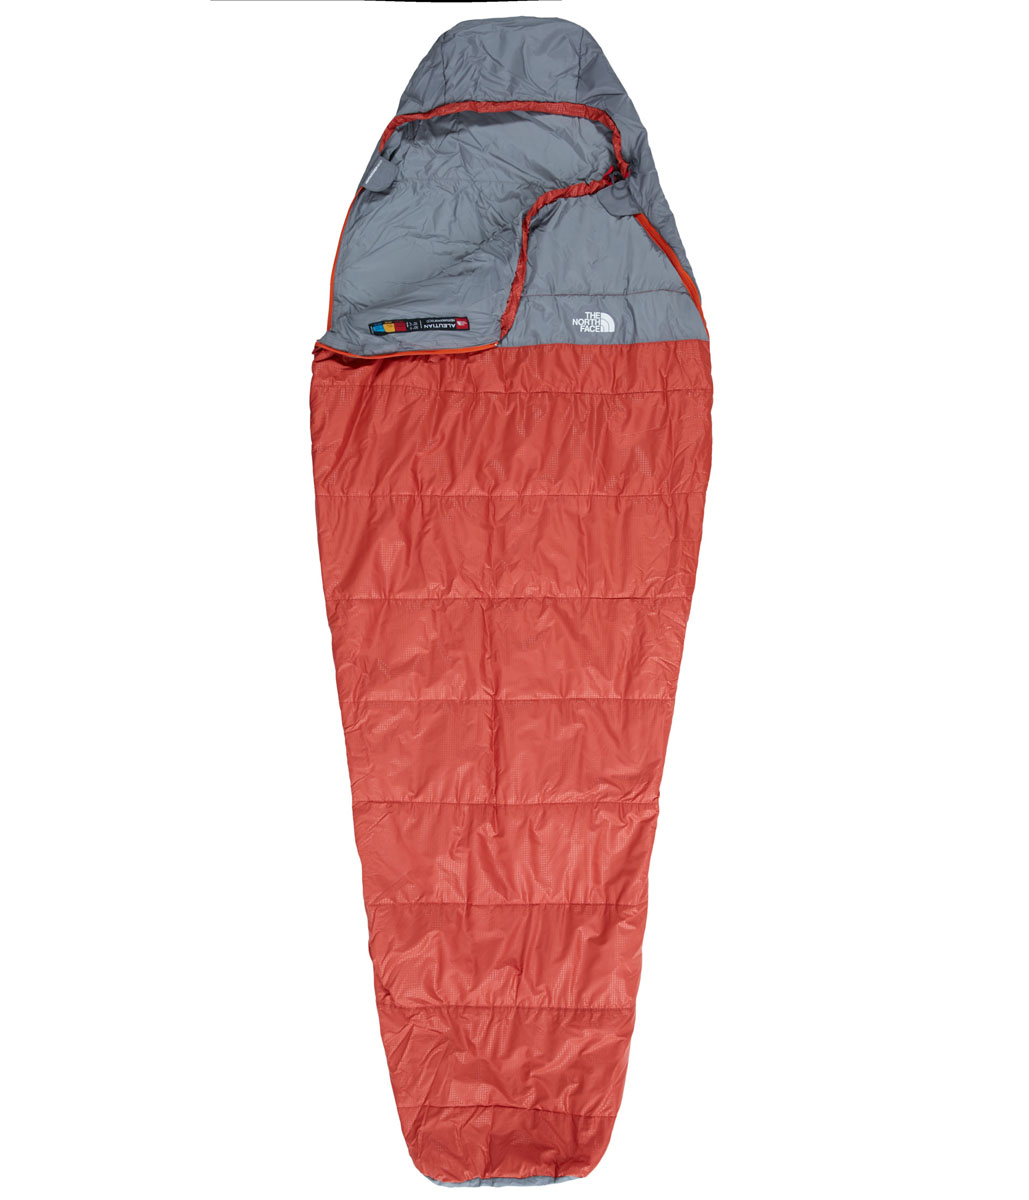 Спальный мешок The North Face Aleutian 50/10, цвет: красный. T0A3A8M1RRH REGT0A3A8M1RRH REGСпальный мешок The North Face Aleutian 50/10 вместительный, универсальный, теплый, комфортный и при этом практичный.Это спальный мешок для прохладной погоды, который можно целиком расстегнуть и расстелить в качестве пола в палатке. Для удобной транспортировки мешок упакован в чехол.